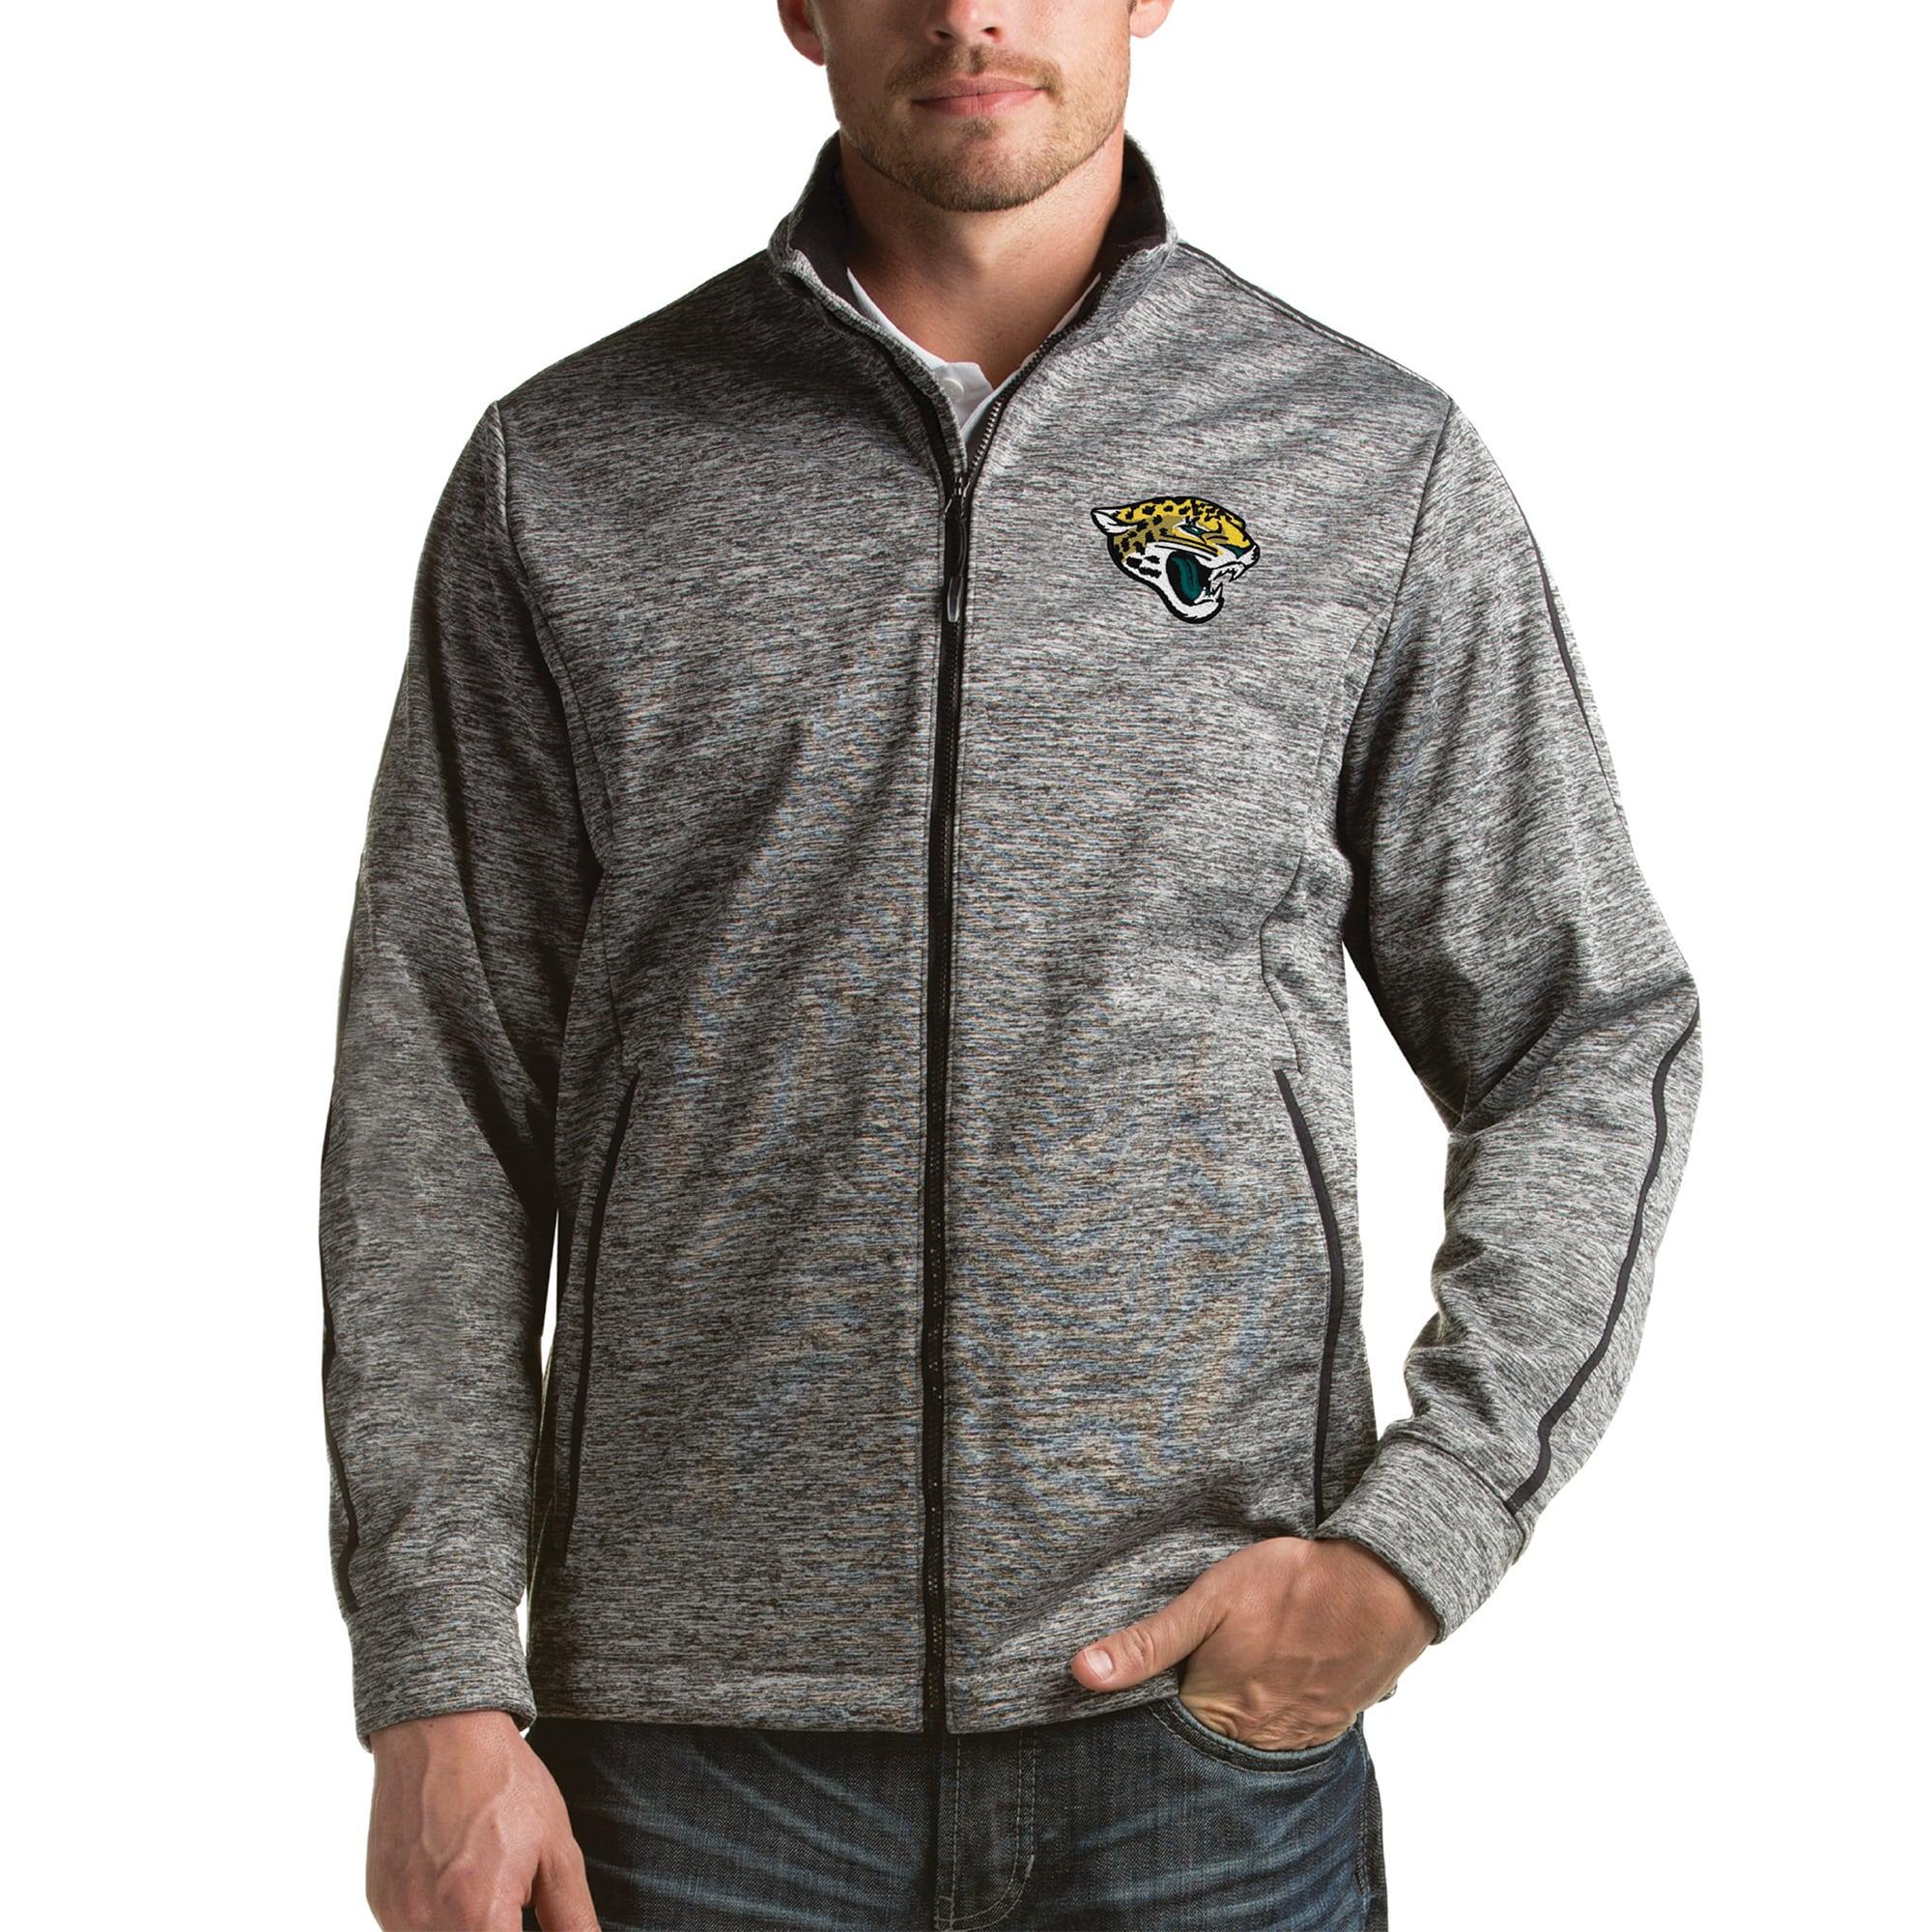 Jacksonville Jaguars Antigua Full-Zip Golf Jacket - Heathered Black